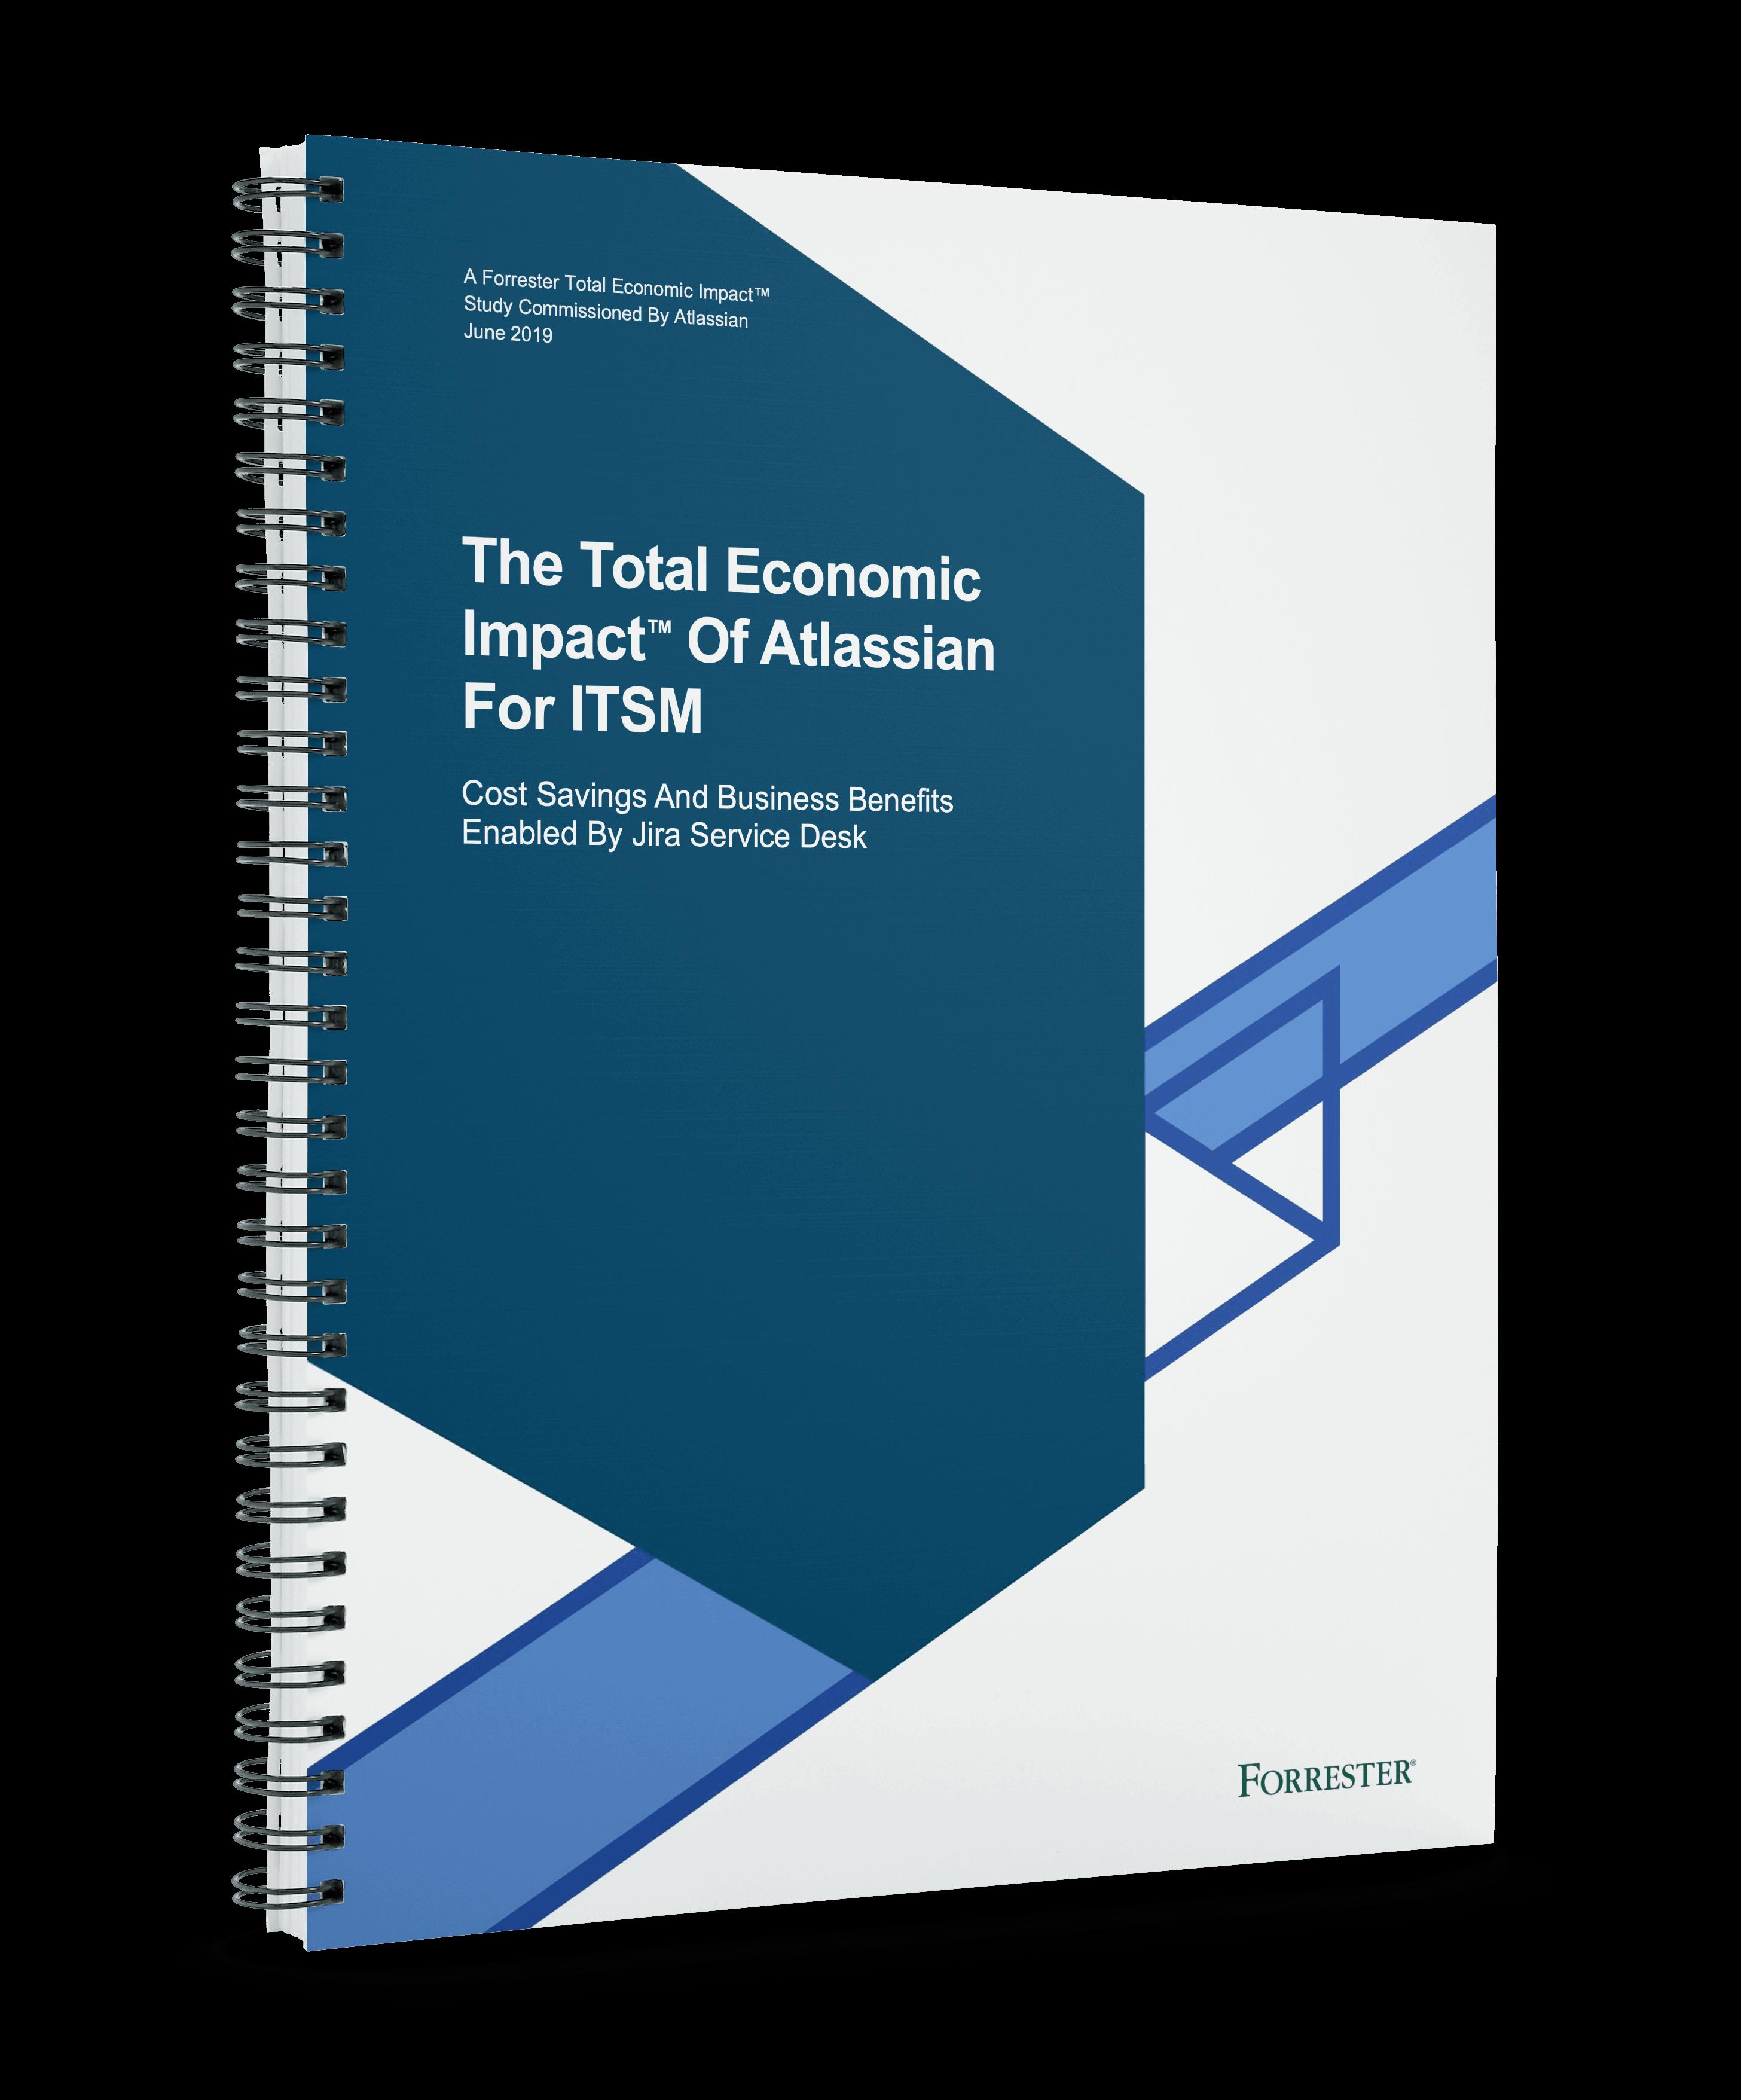 Boekomslag van Forrester's Total Economic Impact™ van Atlassian voor ITSM